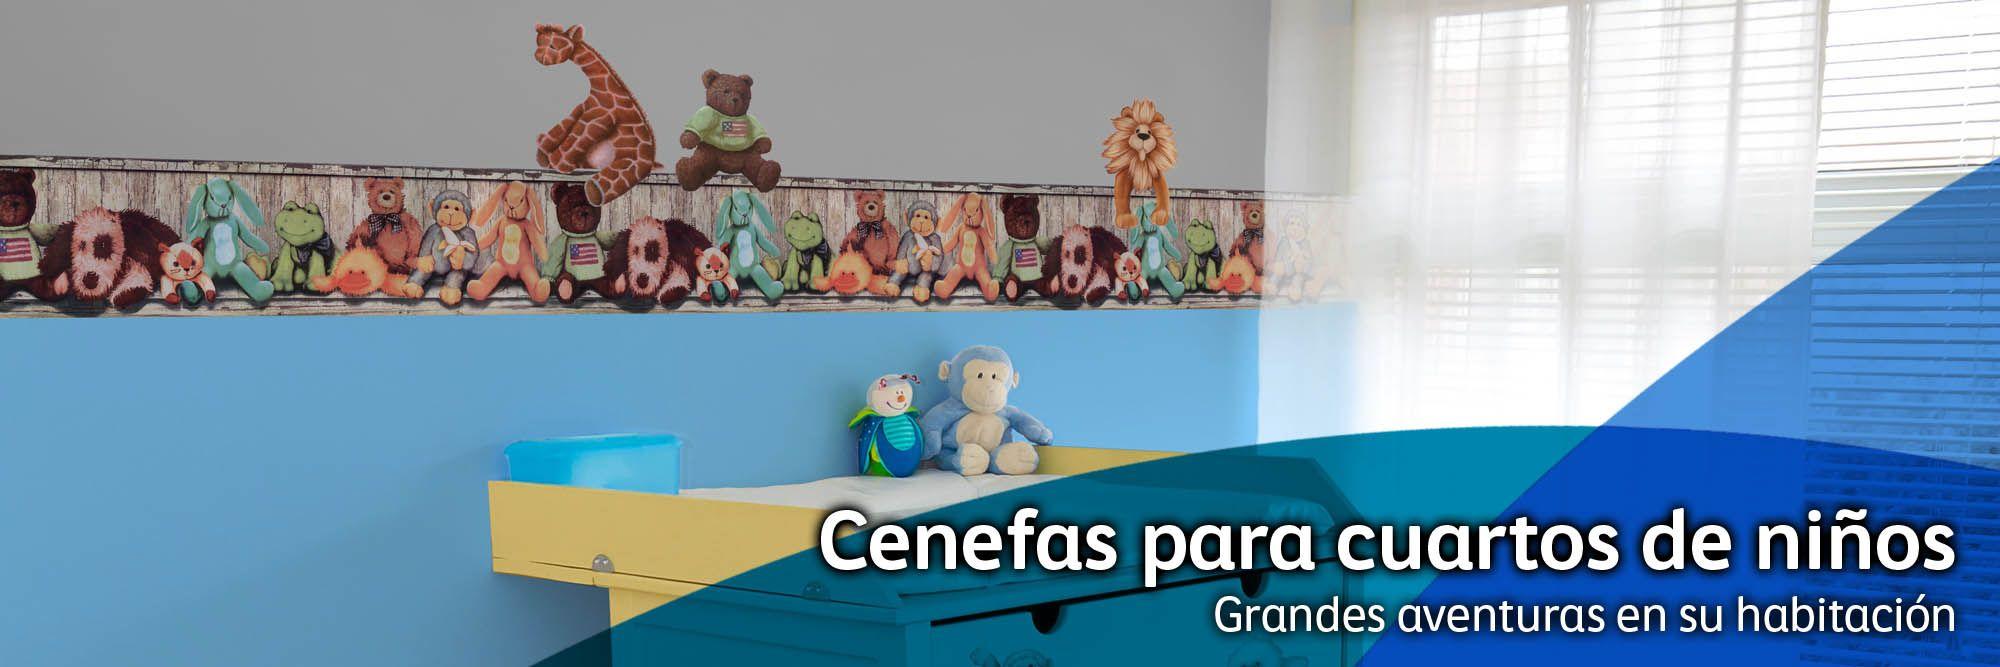 Cenefas para cuartos de ni os proyectos que intentar pinterest ni os cuarto ni a y cenefas - Cenefas para ninos ...